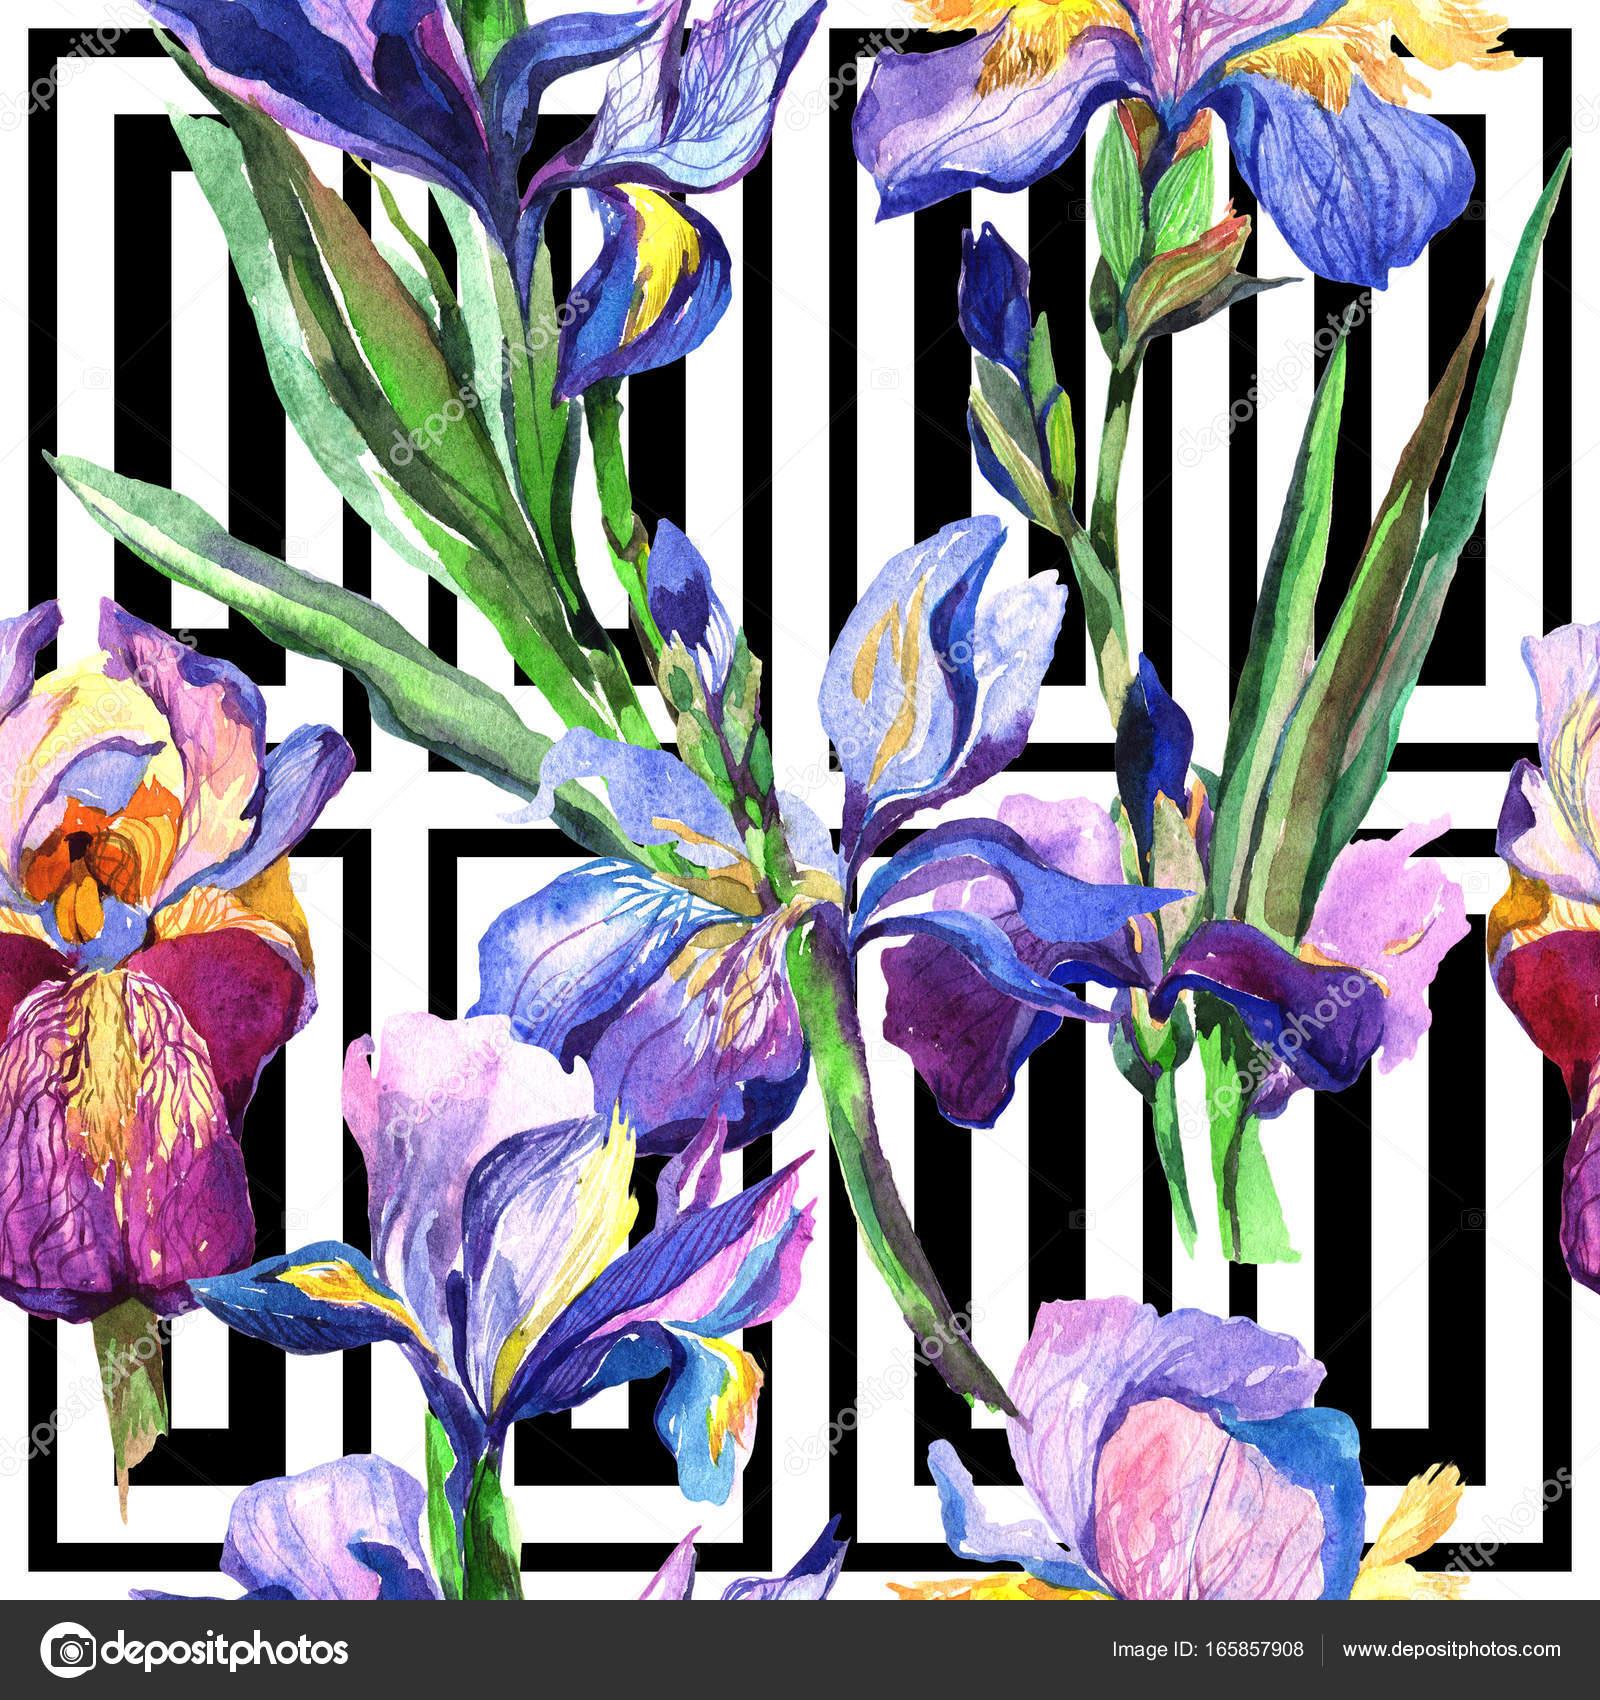 Wildflower iris flower pattern in a watercolor style stock photo wildflower iris flower pattern in a watercolor style stock photo izmirmasajfo